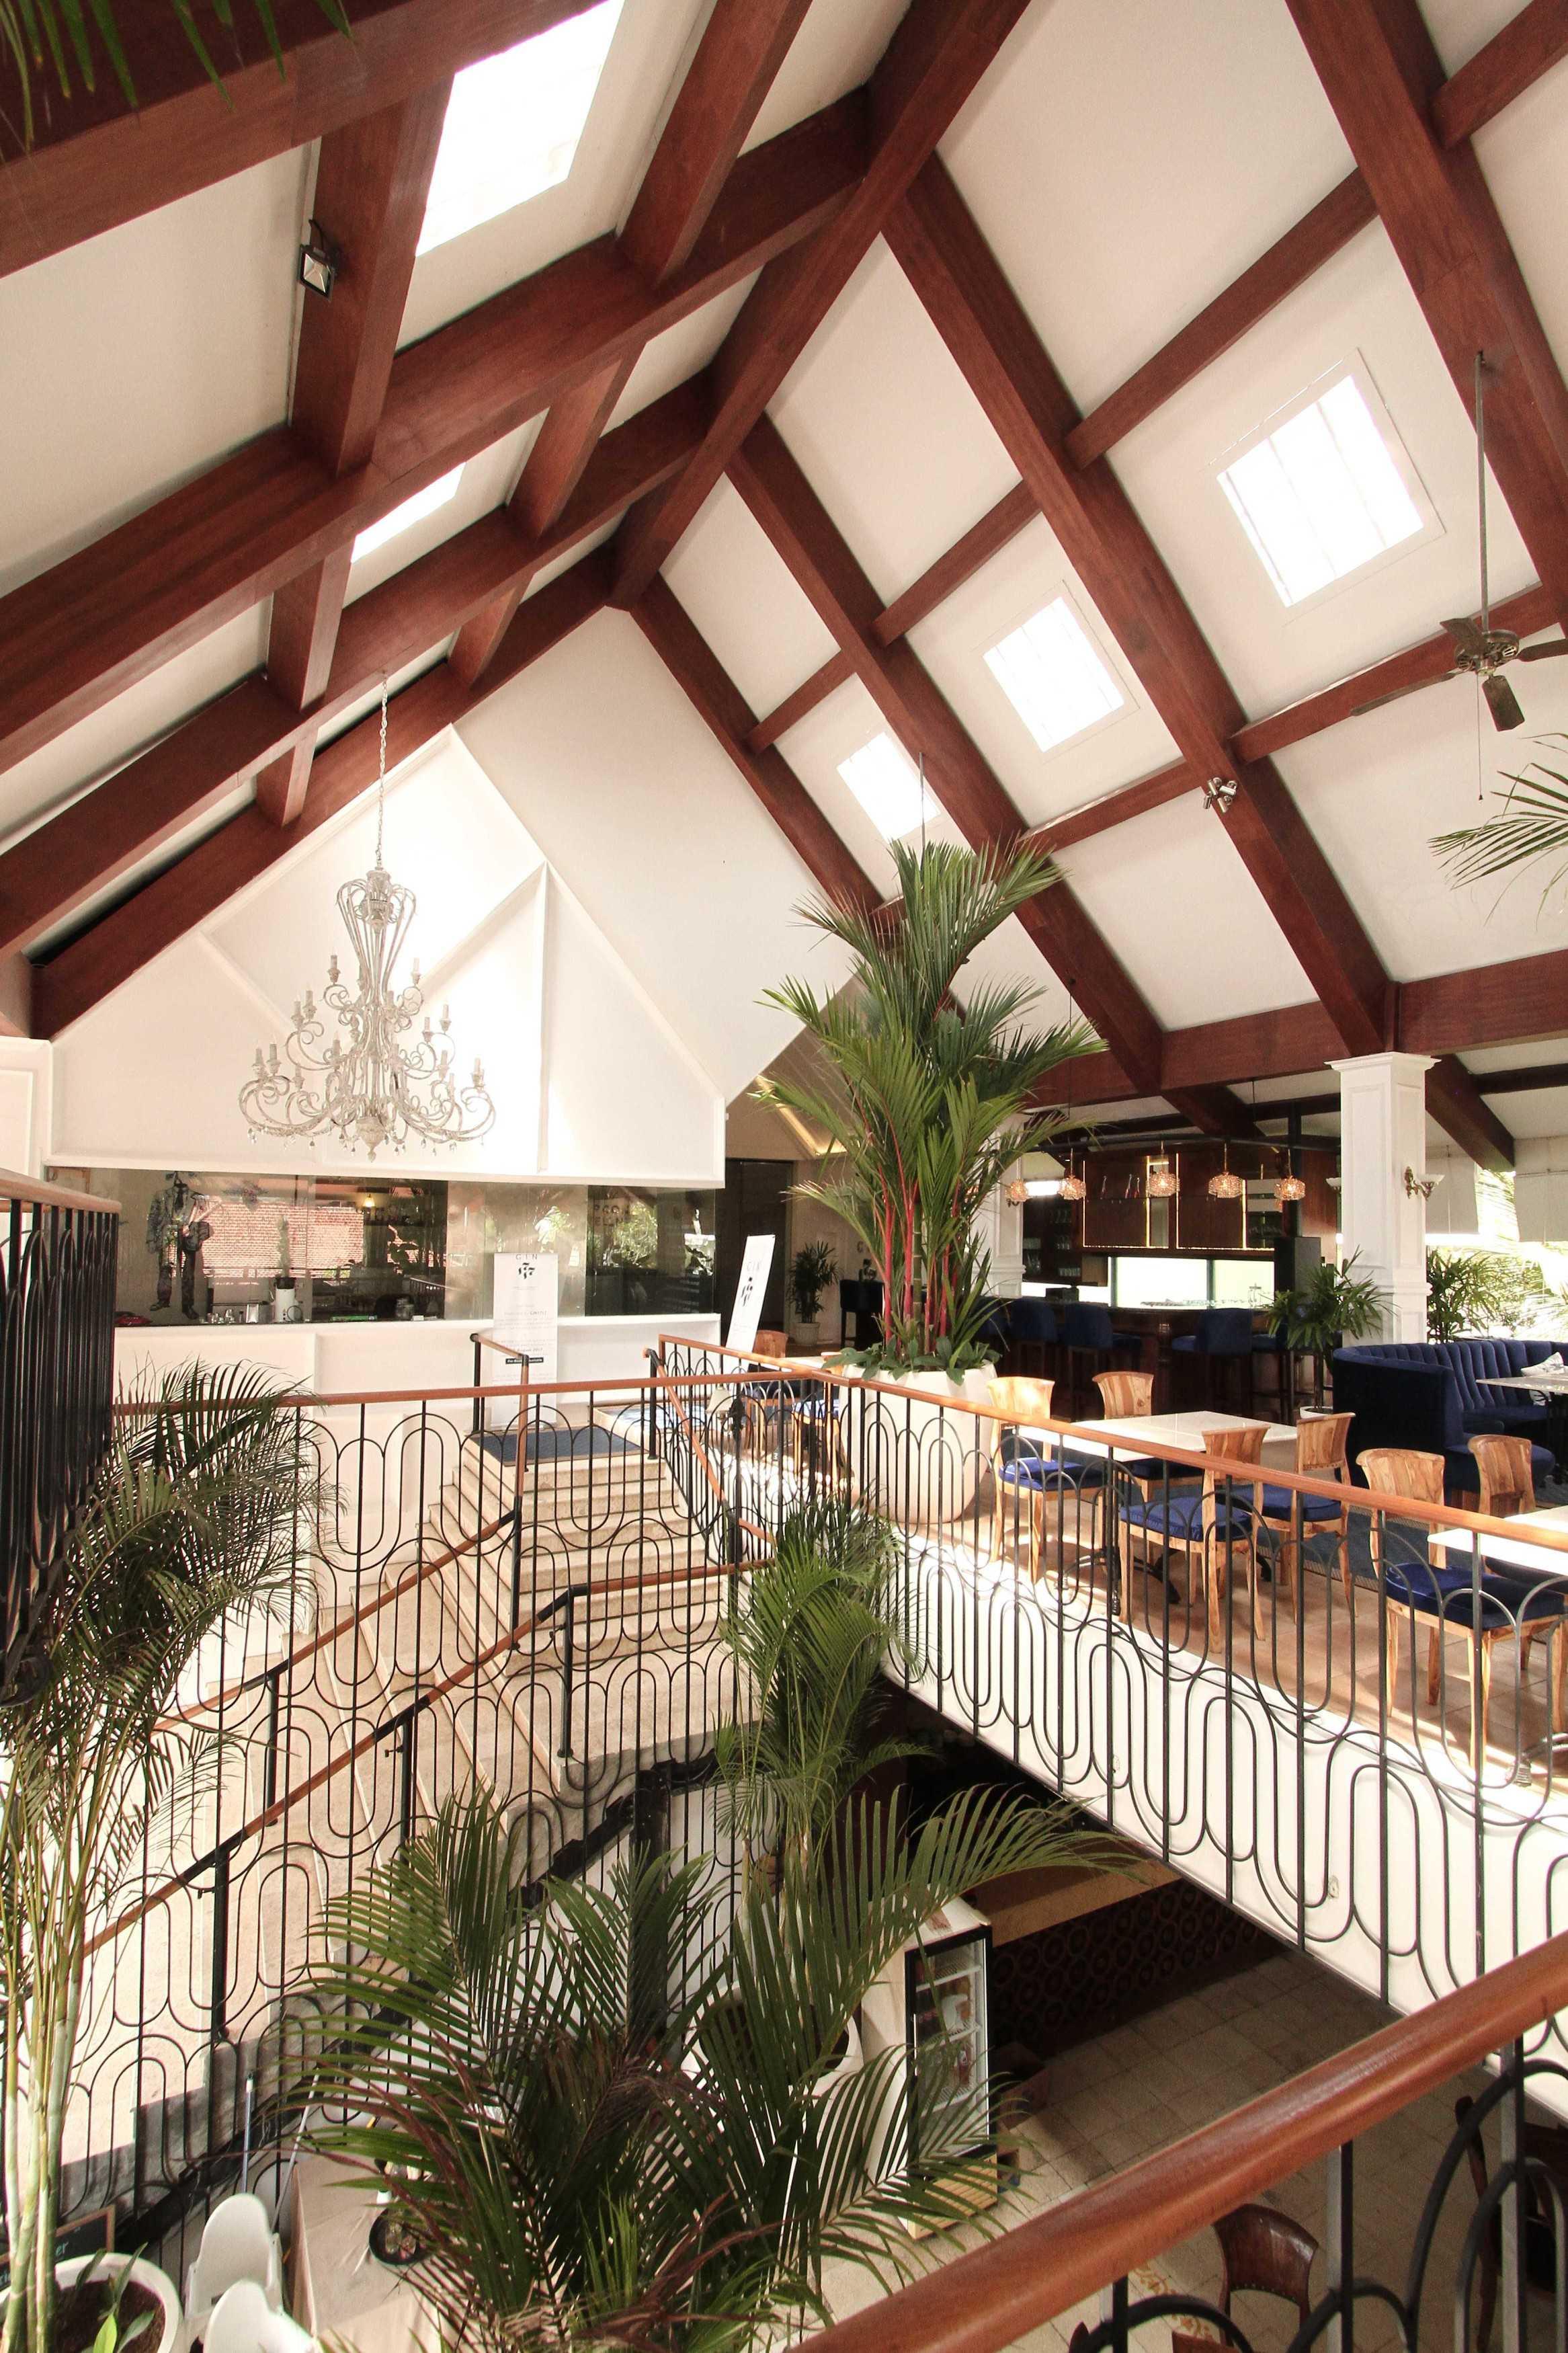 Ddap Architect Gin Bar Jl. Hanoman, Ubud, Kabupaten Gianyar, Bali 80571, Indonesia Jl. Hanoman, Ubud, Kabupaten Gianyar, Bali 80571, Indonesia Gin Bar - Dining Area   44390